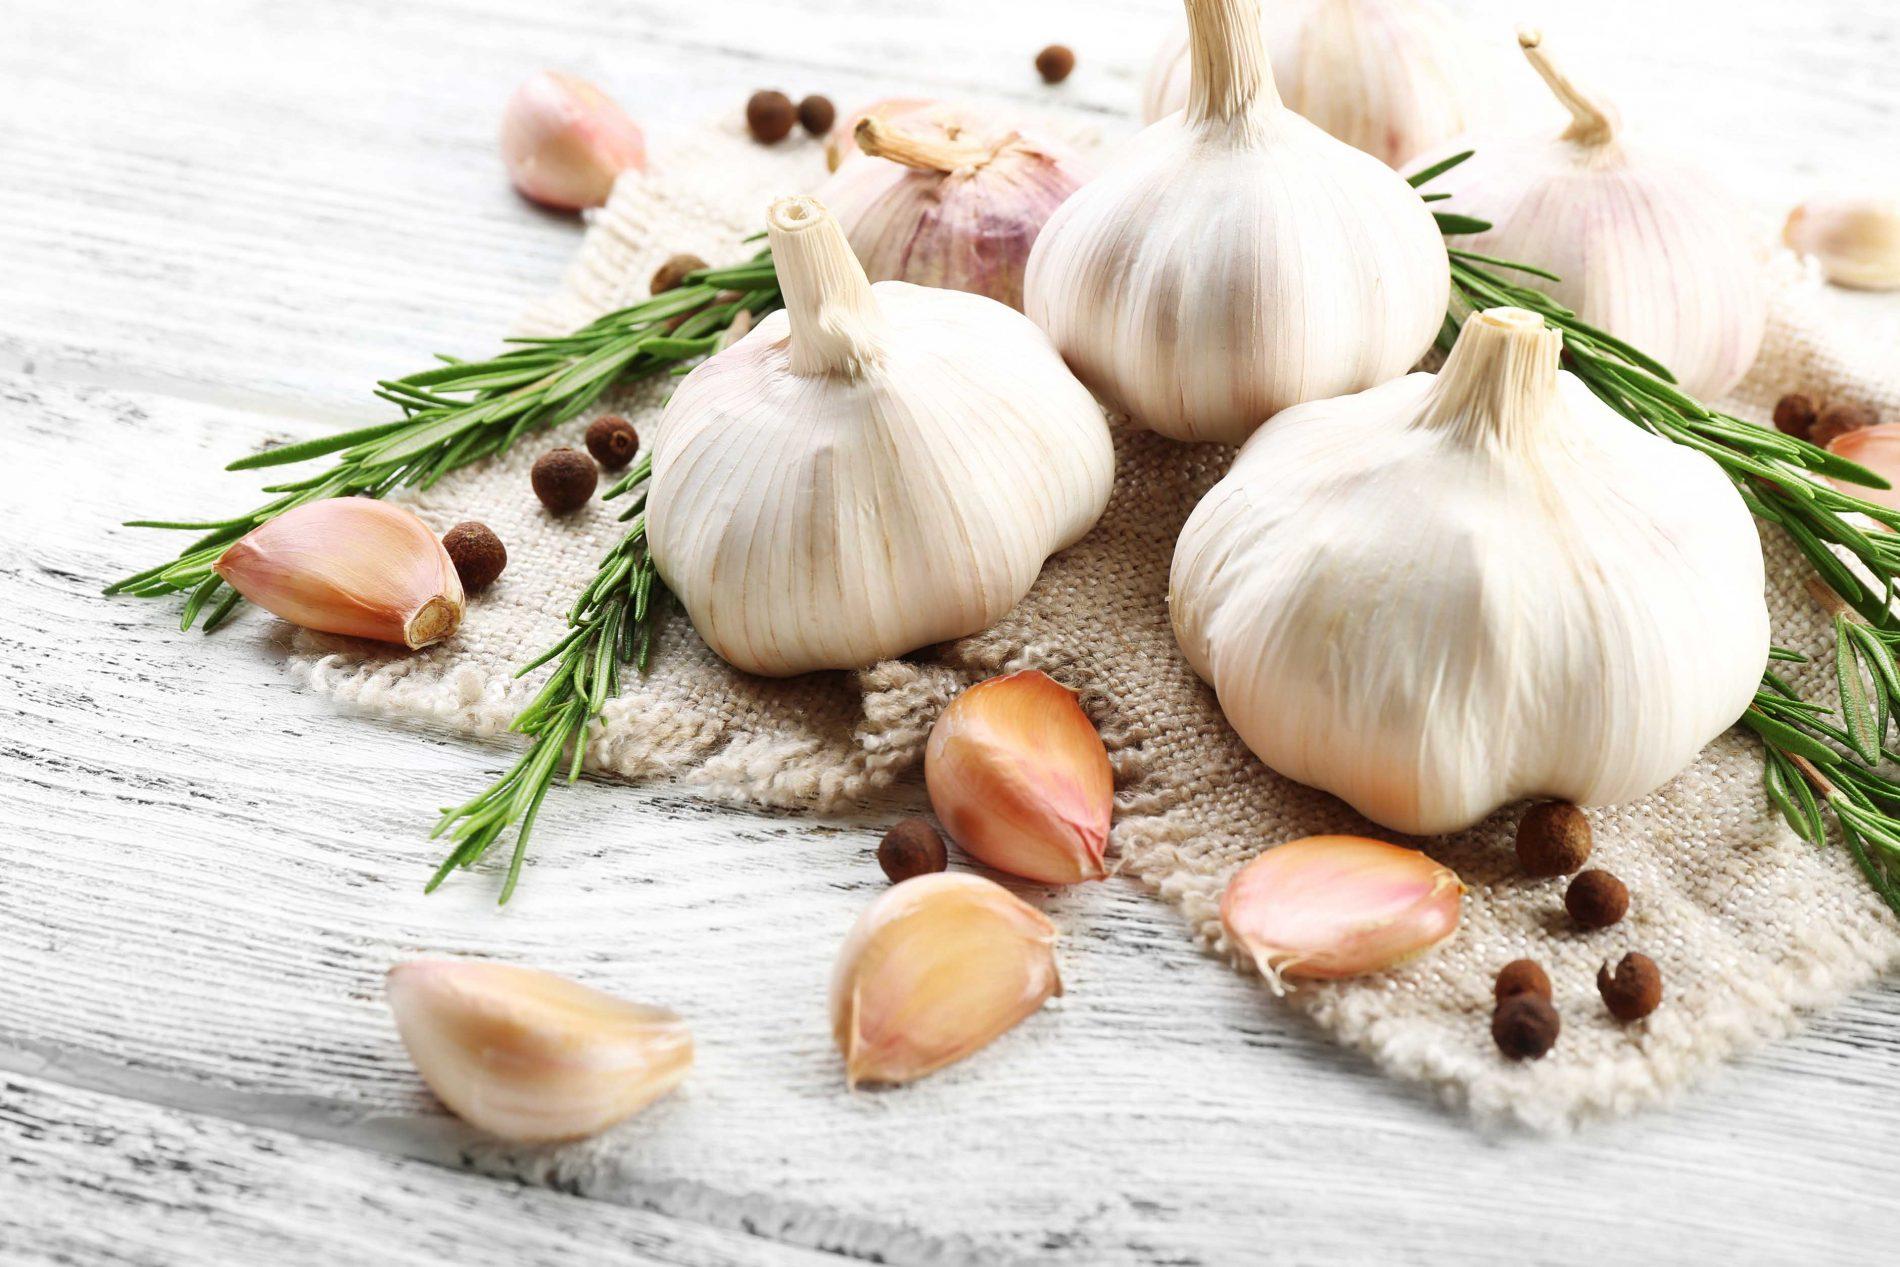 Cibi cotti o crudi scopri cosa meglio per la tua salute for Quando piantare l aglio